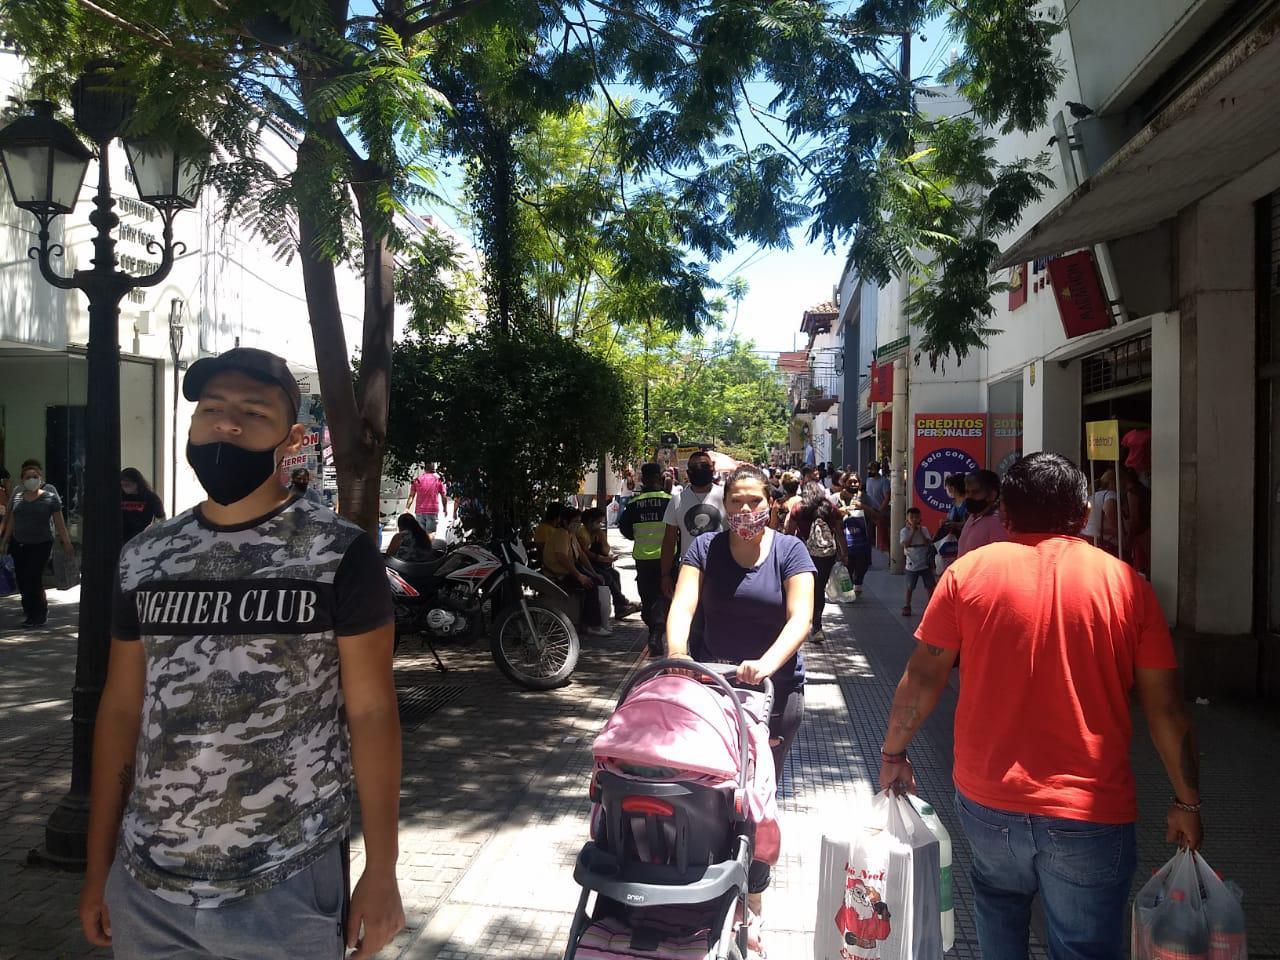 Centro peatonal compras comercios locales navidad ventas ciudad fiestas manteros